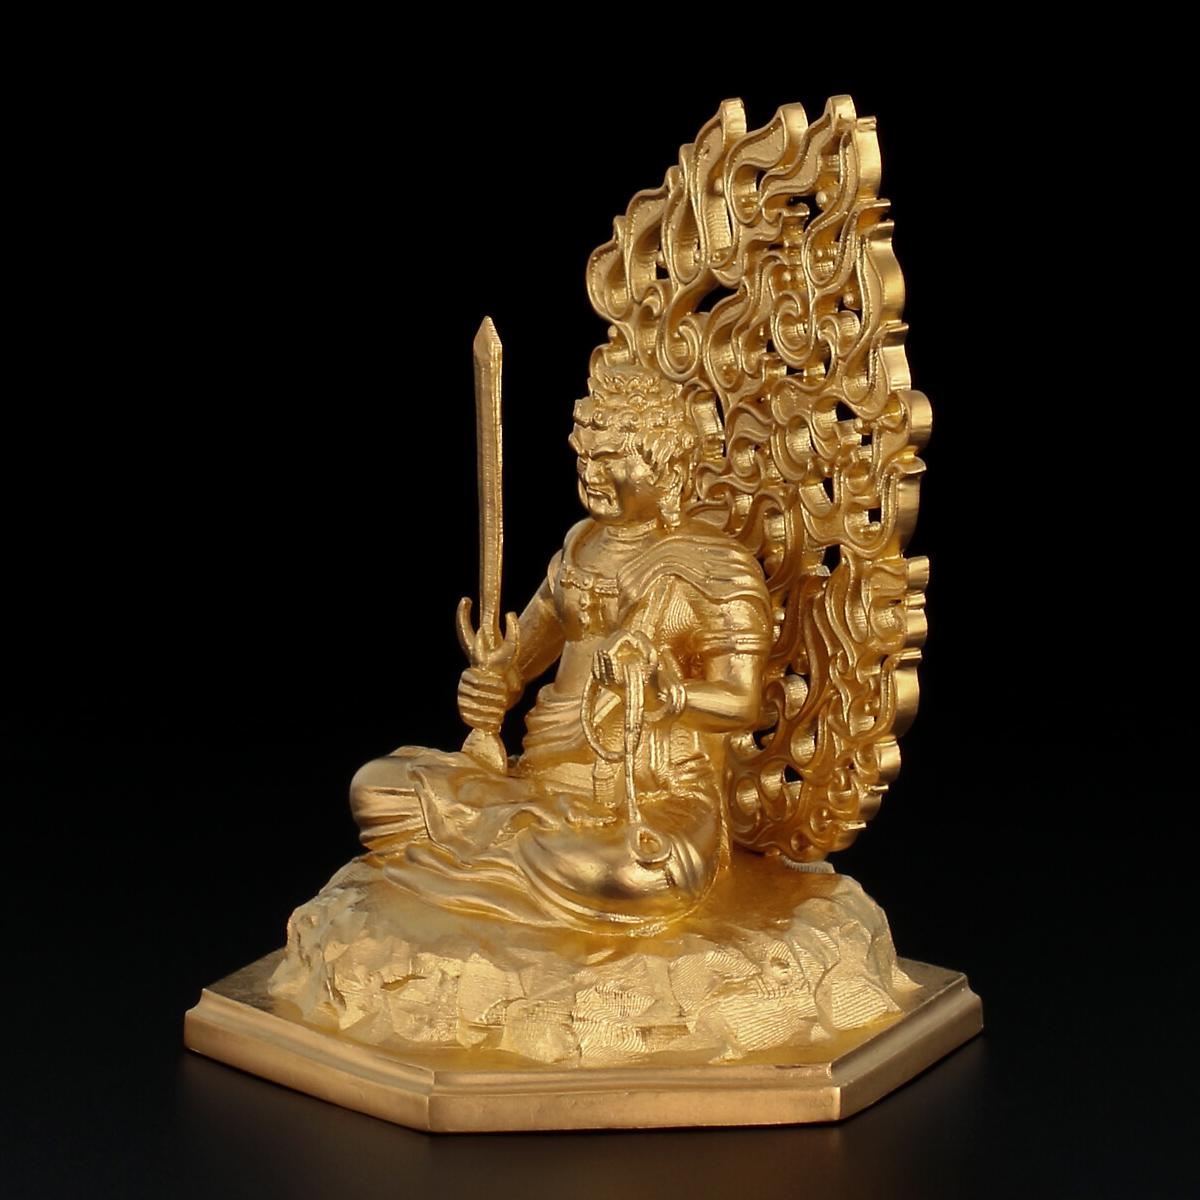 純金製 不動明王座像